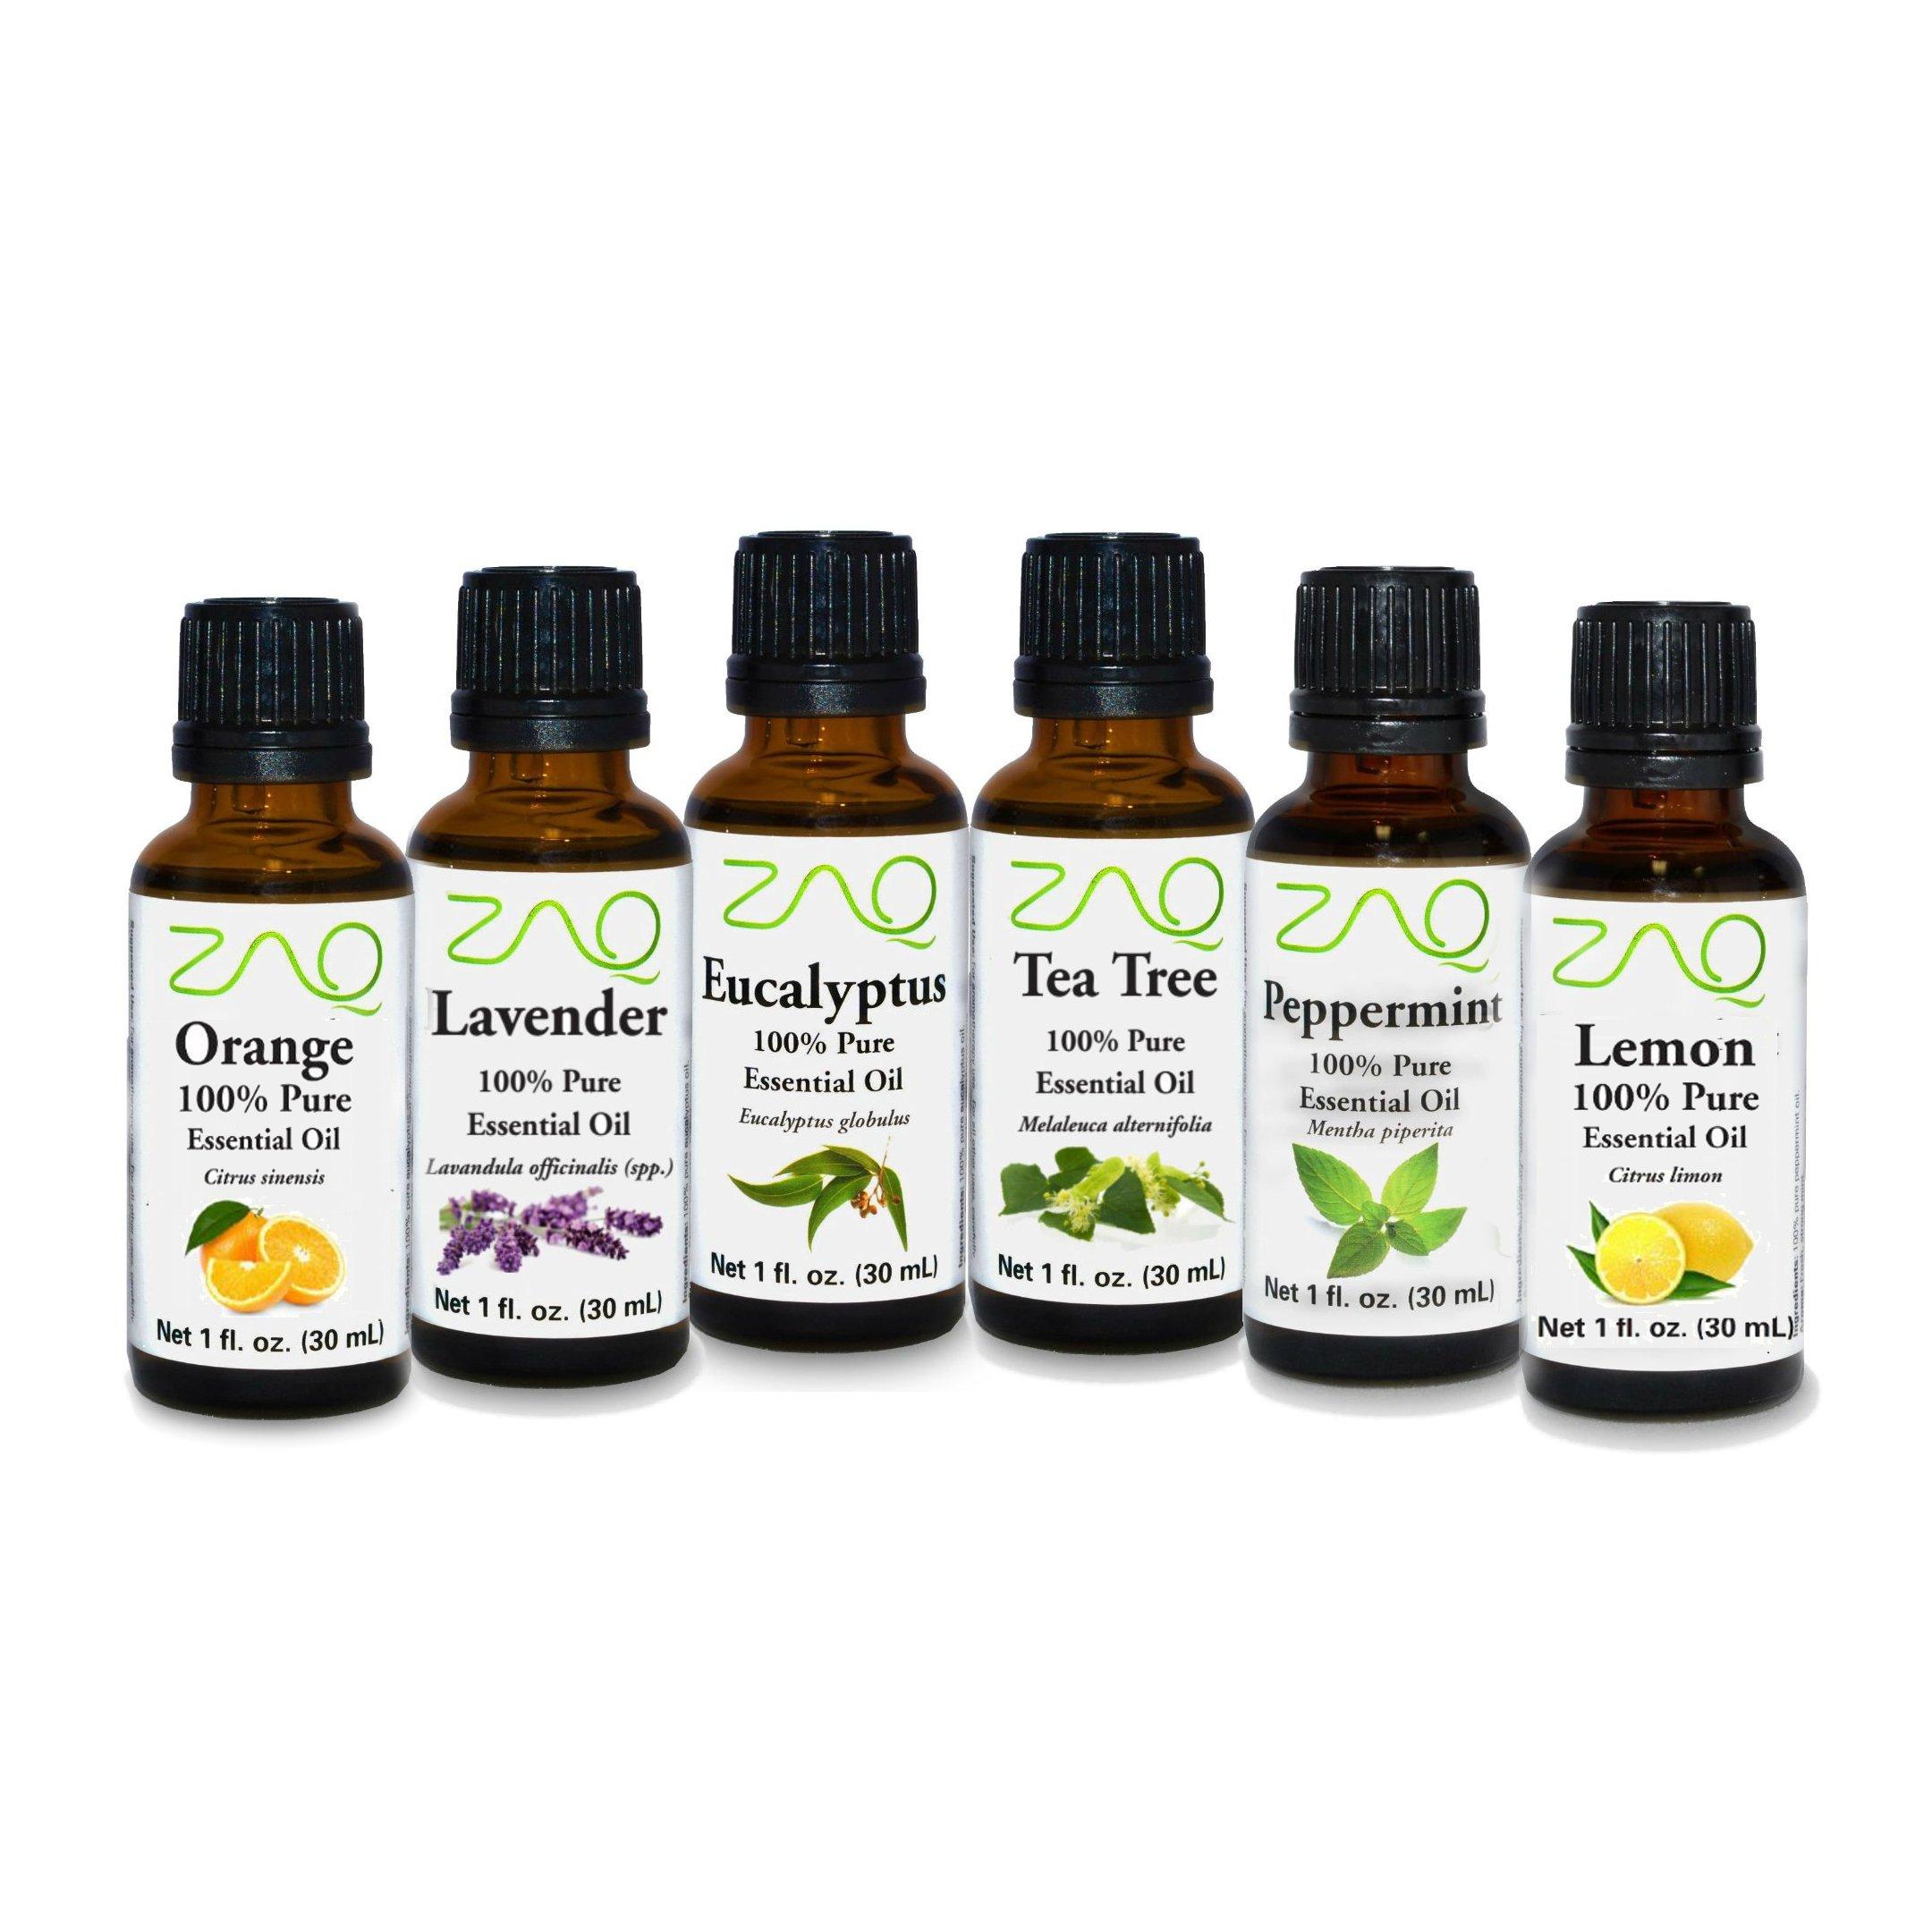 ZAQ Aromatherapy Top 6 100% Pure Therapeutic Essential Oil Gift Set- 1 Oz (Lavender, Tea Tree, Eucalyptus, Lemon, Orange, Peppermint)